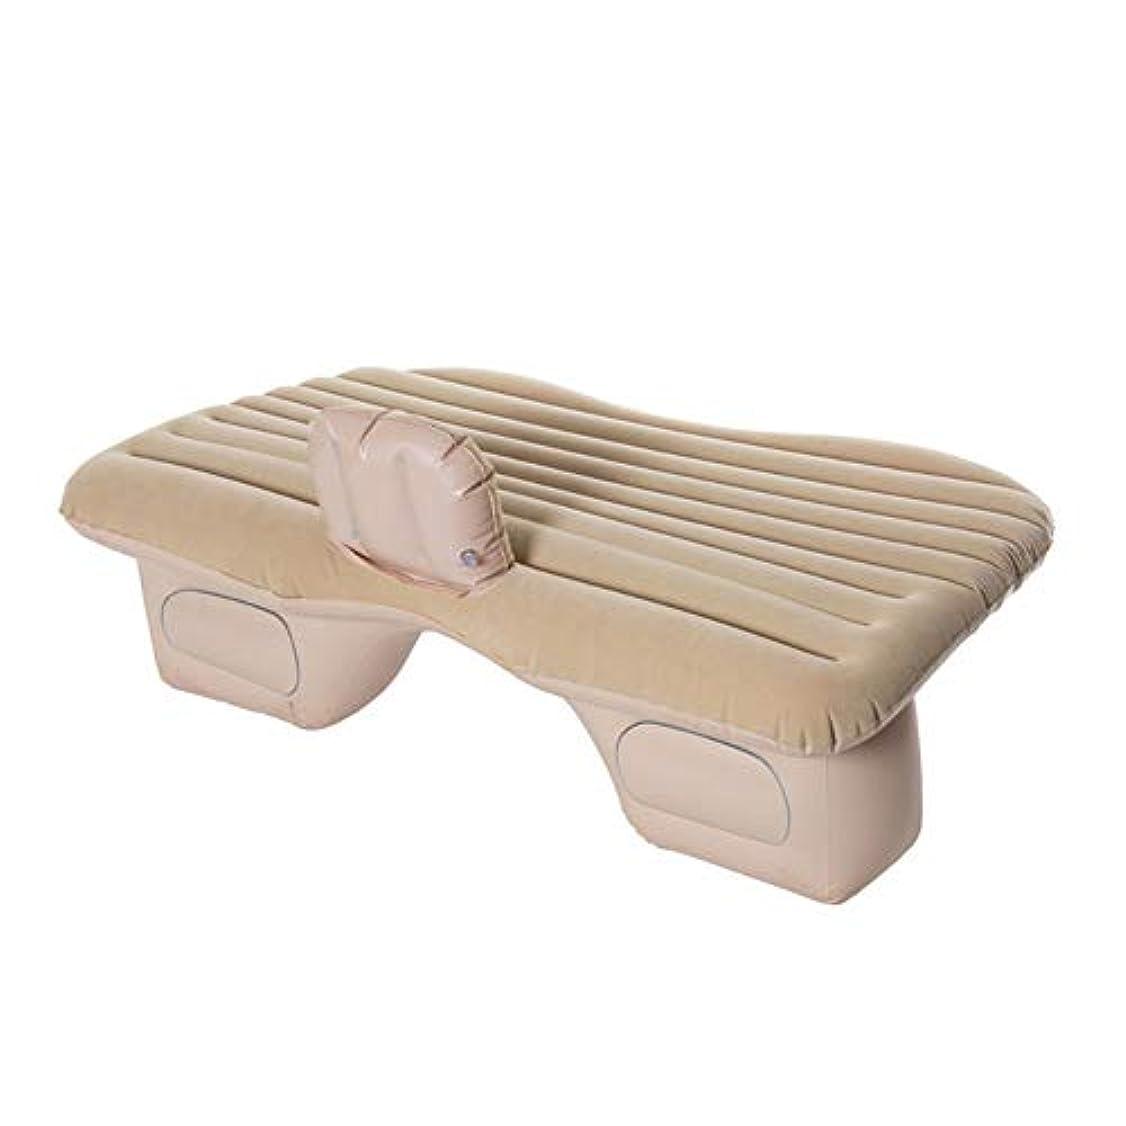 腕鋸歯状左車の膨脹可能なベッド、厚く柔らかい群がる材料から成っていることおよびきれいになること容易の携帯用エアマットレスは、ほとんどのモデルに合います